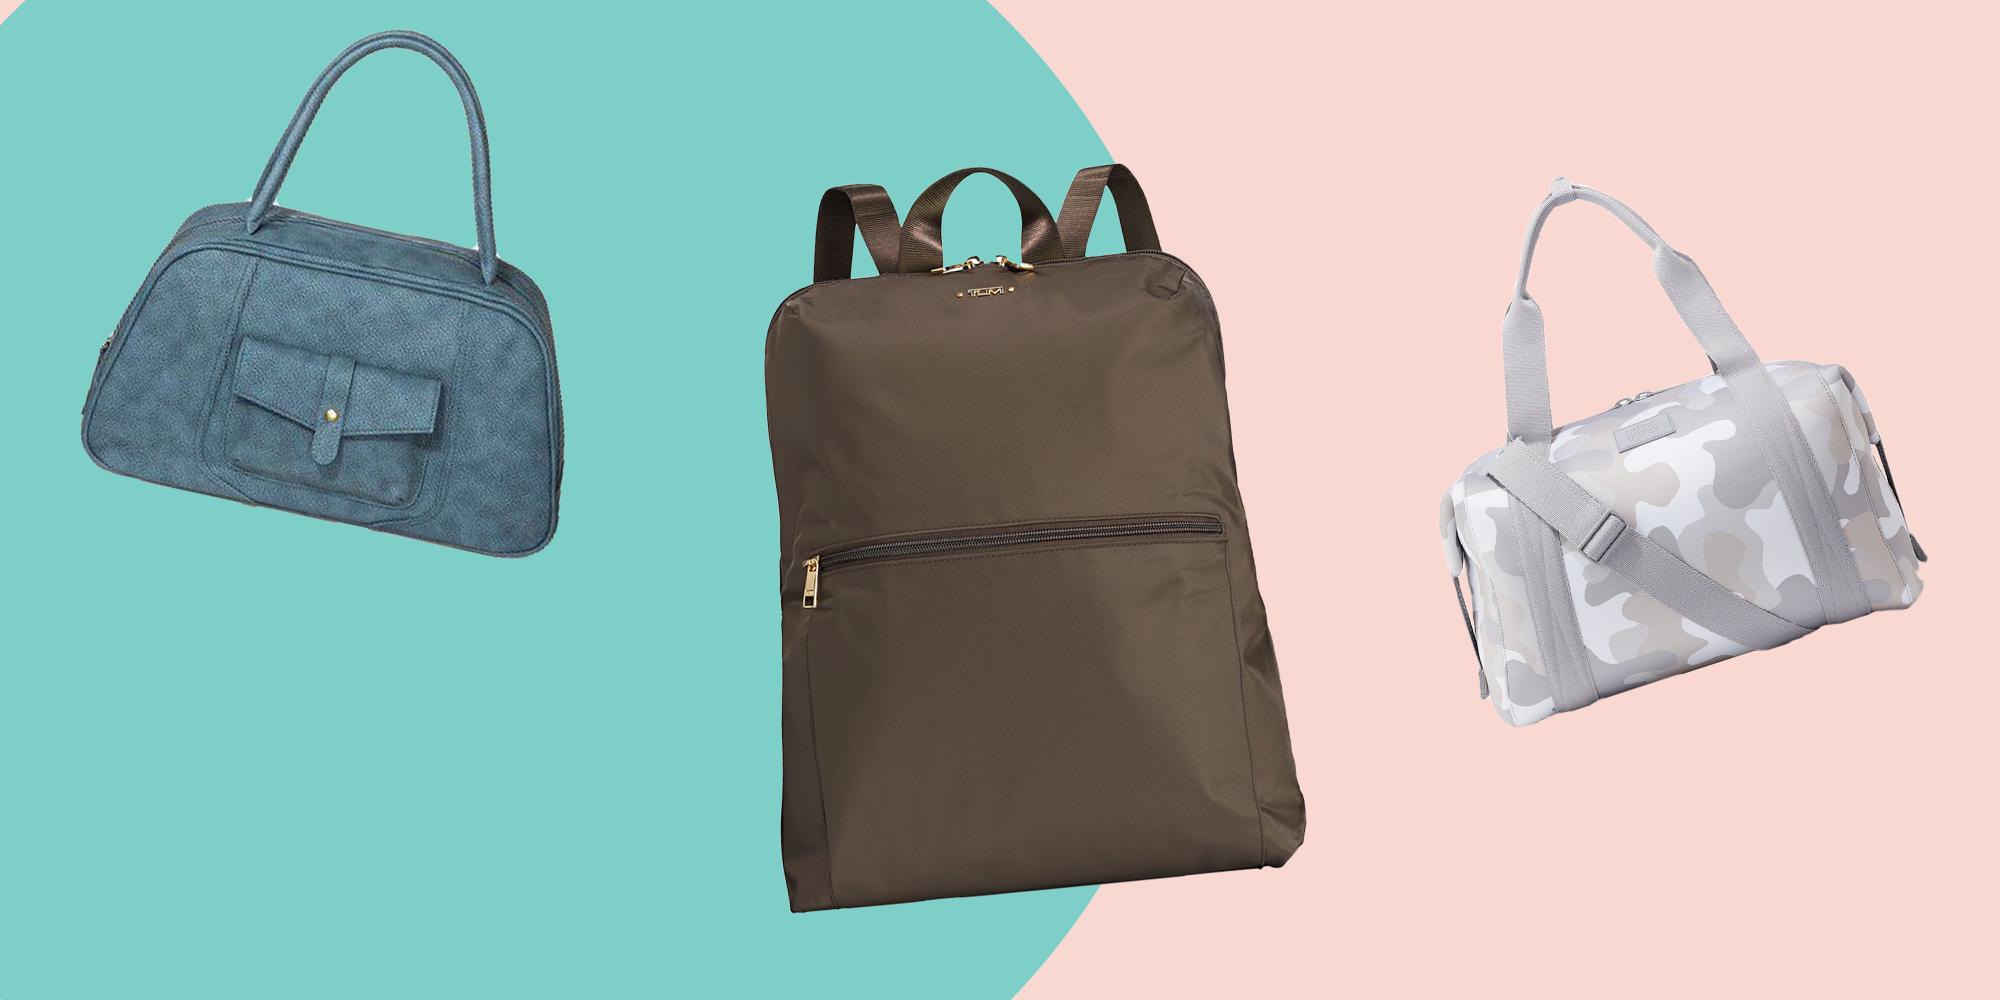 16 of the Best Weekender Bags for Women in 2019 72ef1fd4cf498